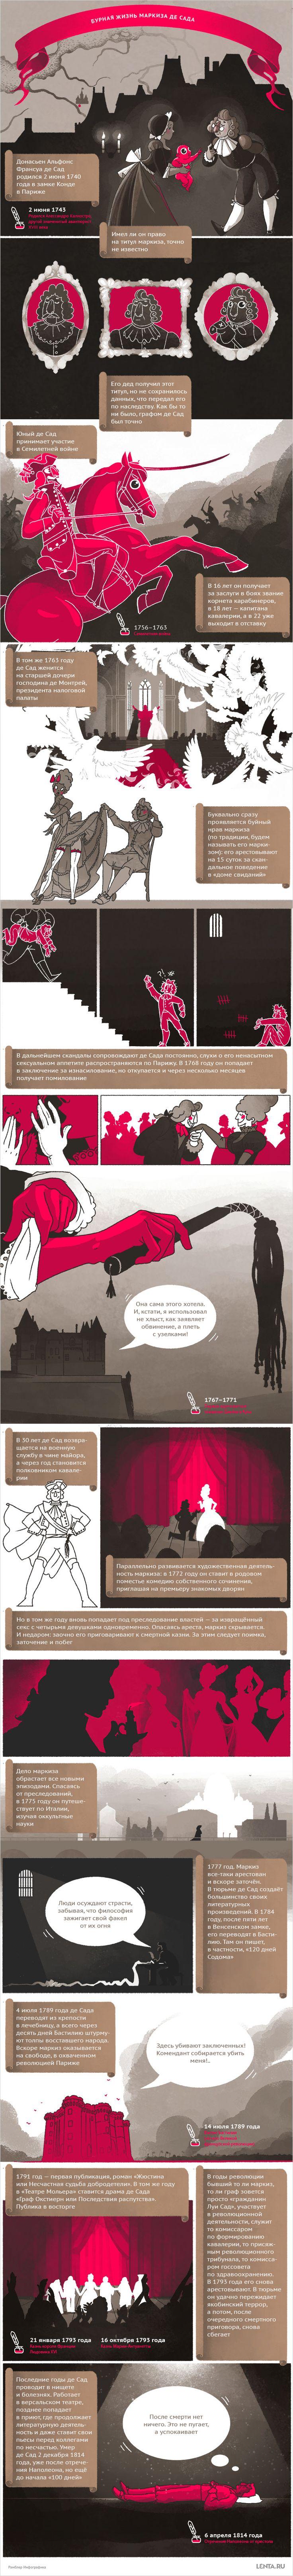 Комикс по жизни Маркиза де Сада